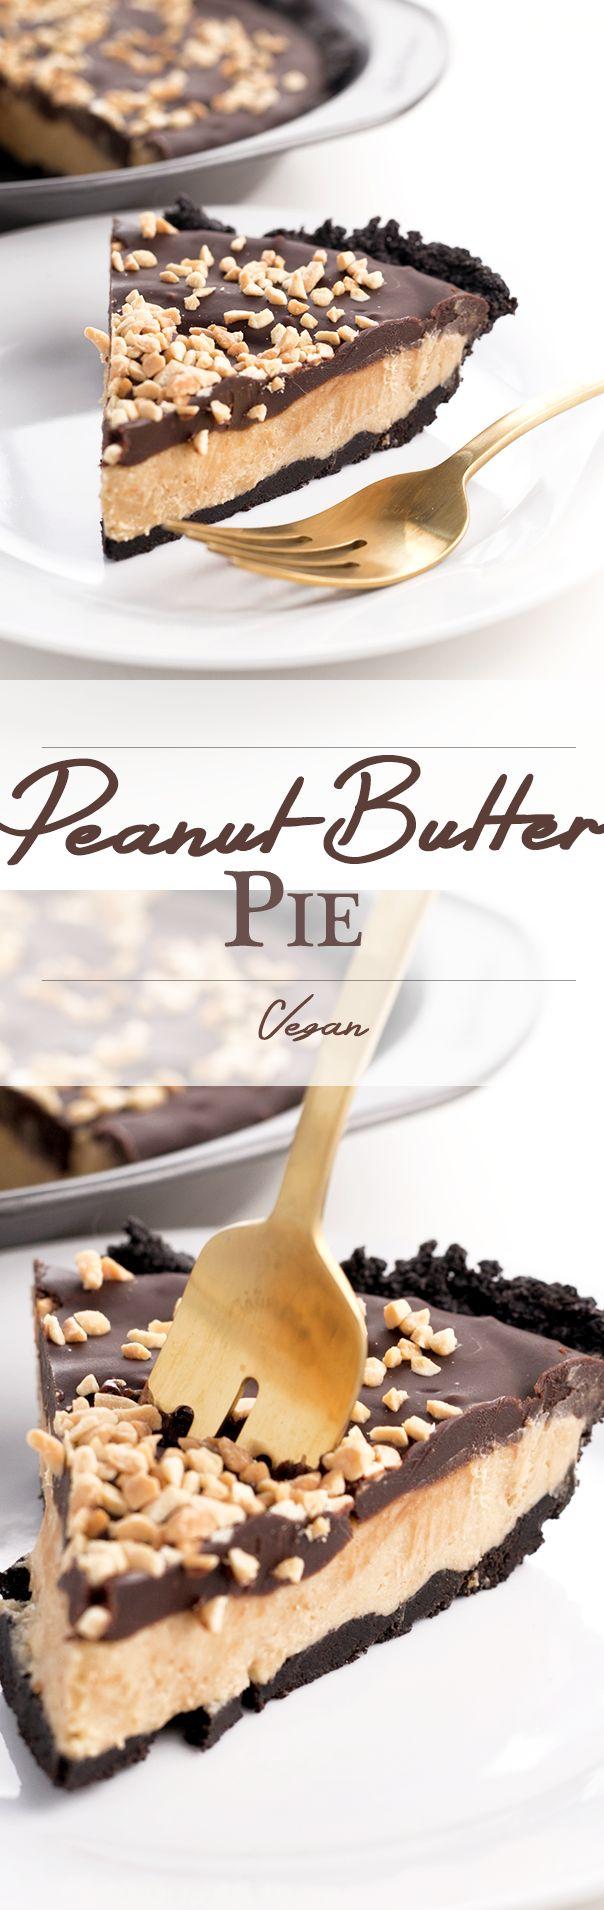 Vegan Oreo Peanut Butter Pie - No Bake/ Simple To Make! vegan peanut pie chocolate dessert